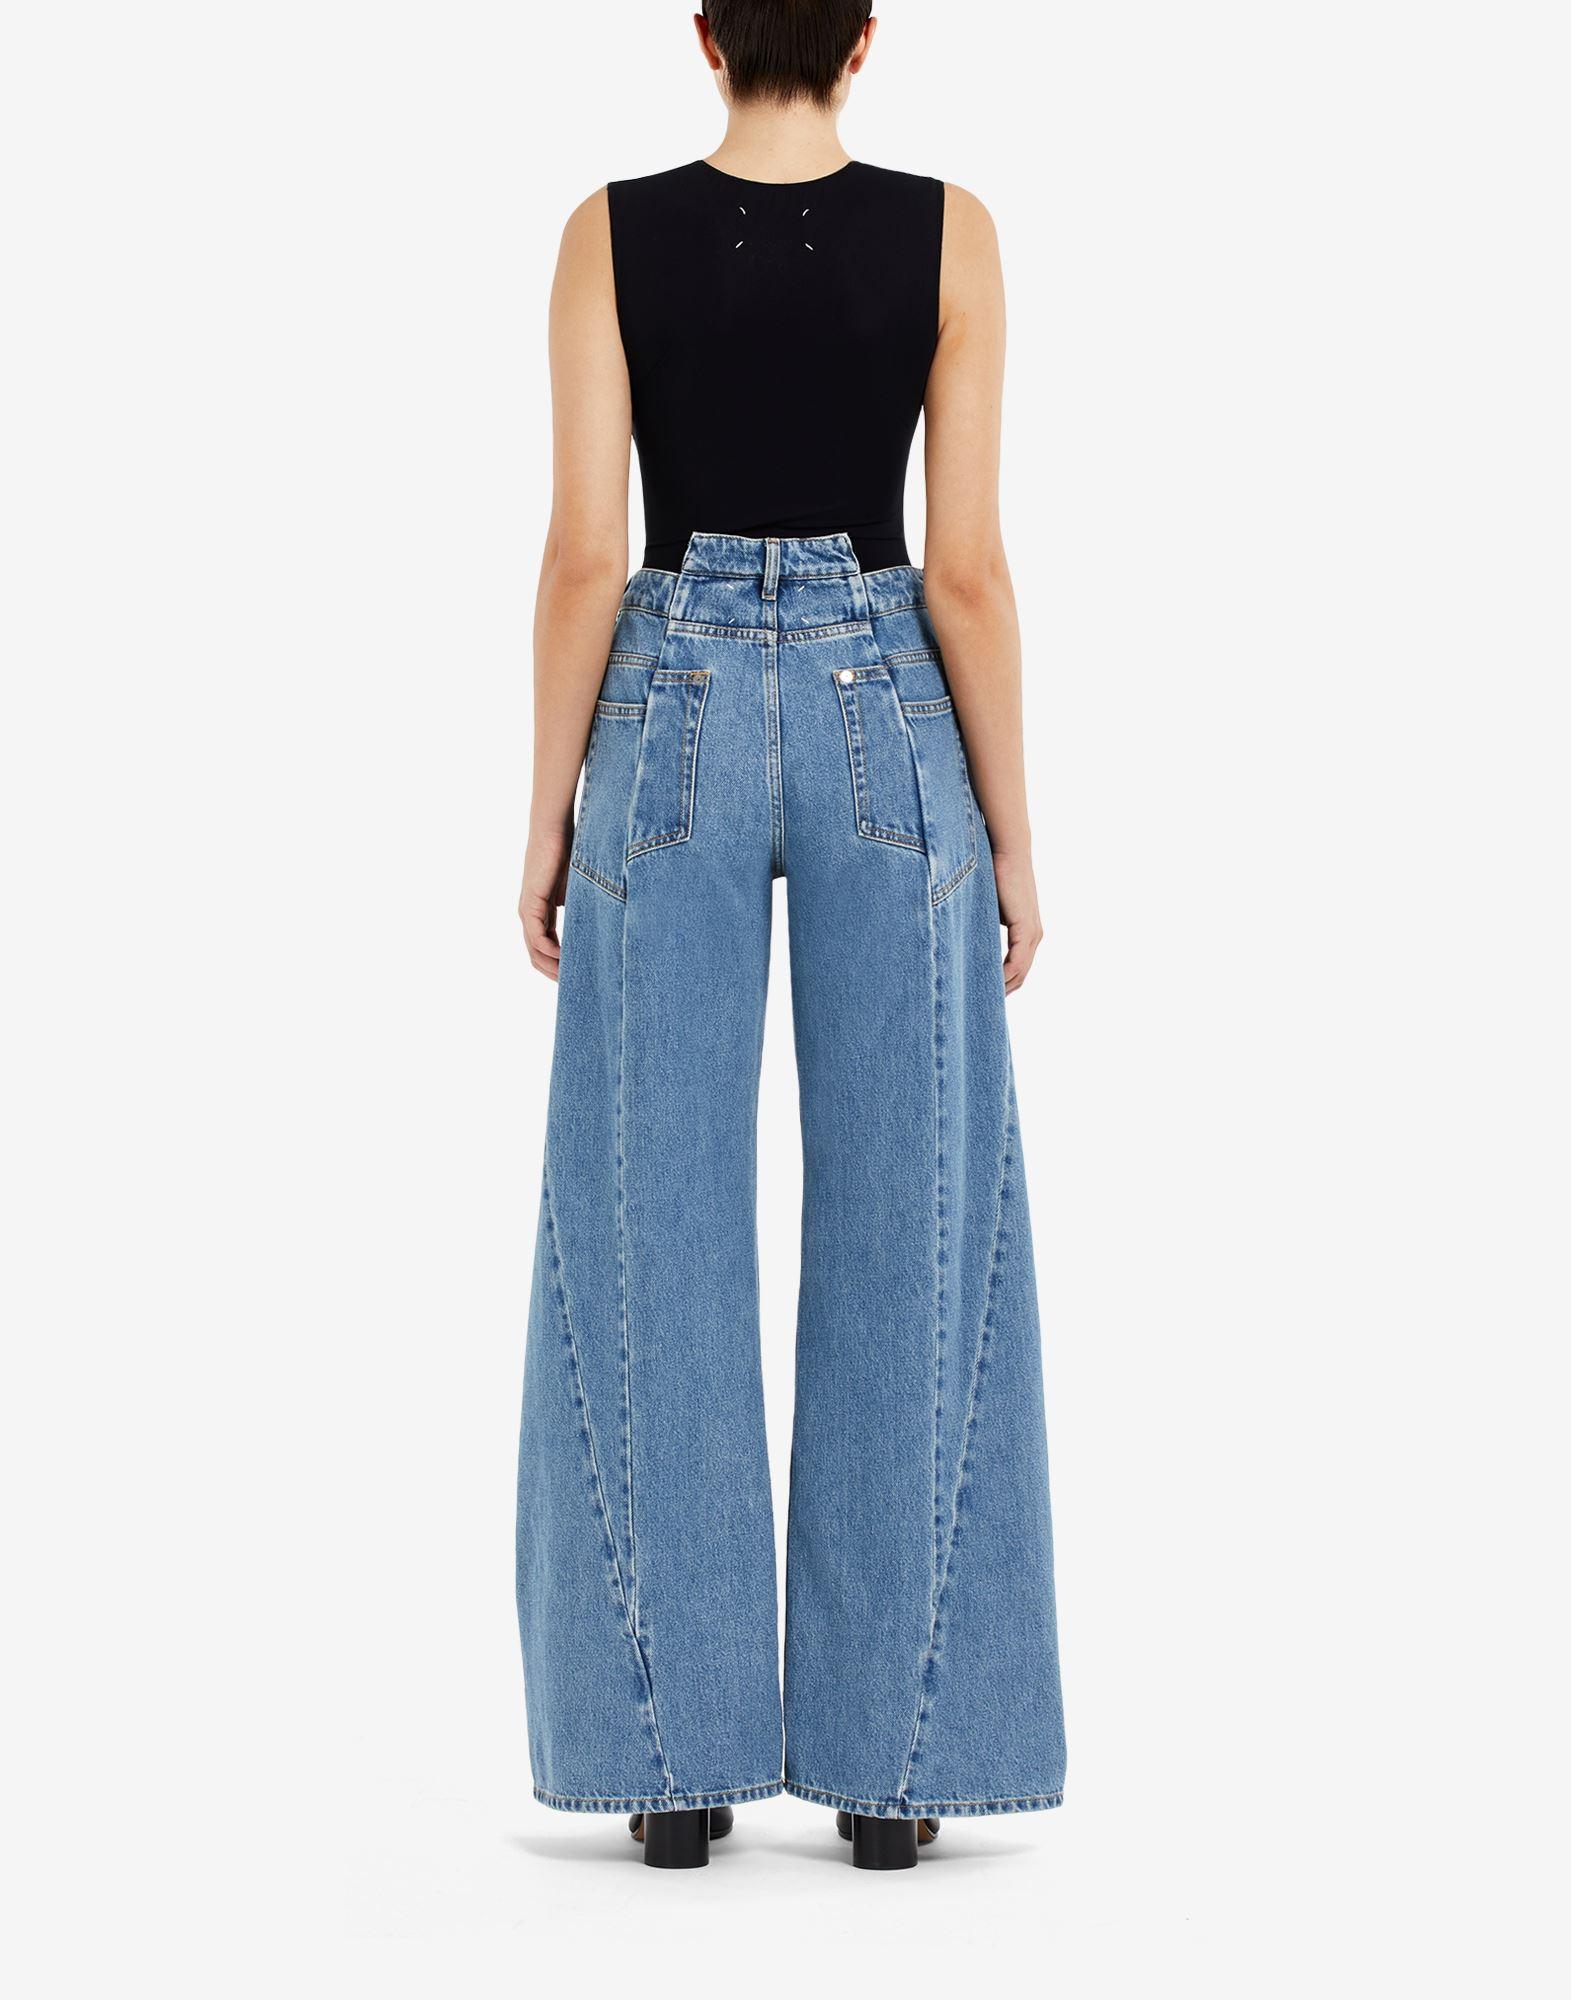 MAISON MARGIELA Pantalones de pernera ancha con diseño asimétrico decorticado Pantalones vaqueros Mujer e